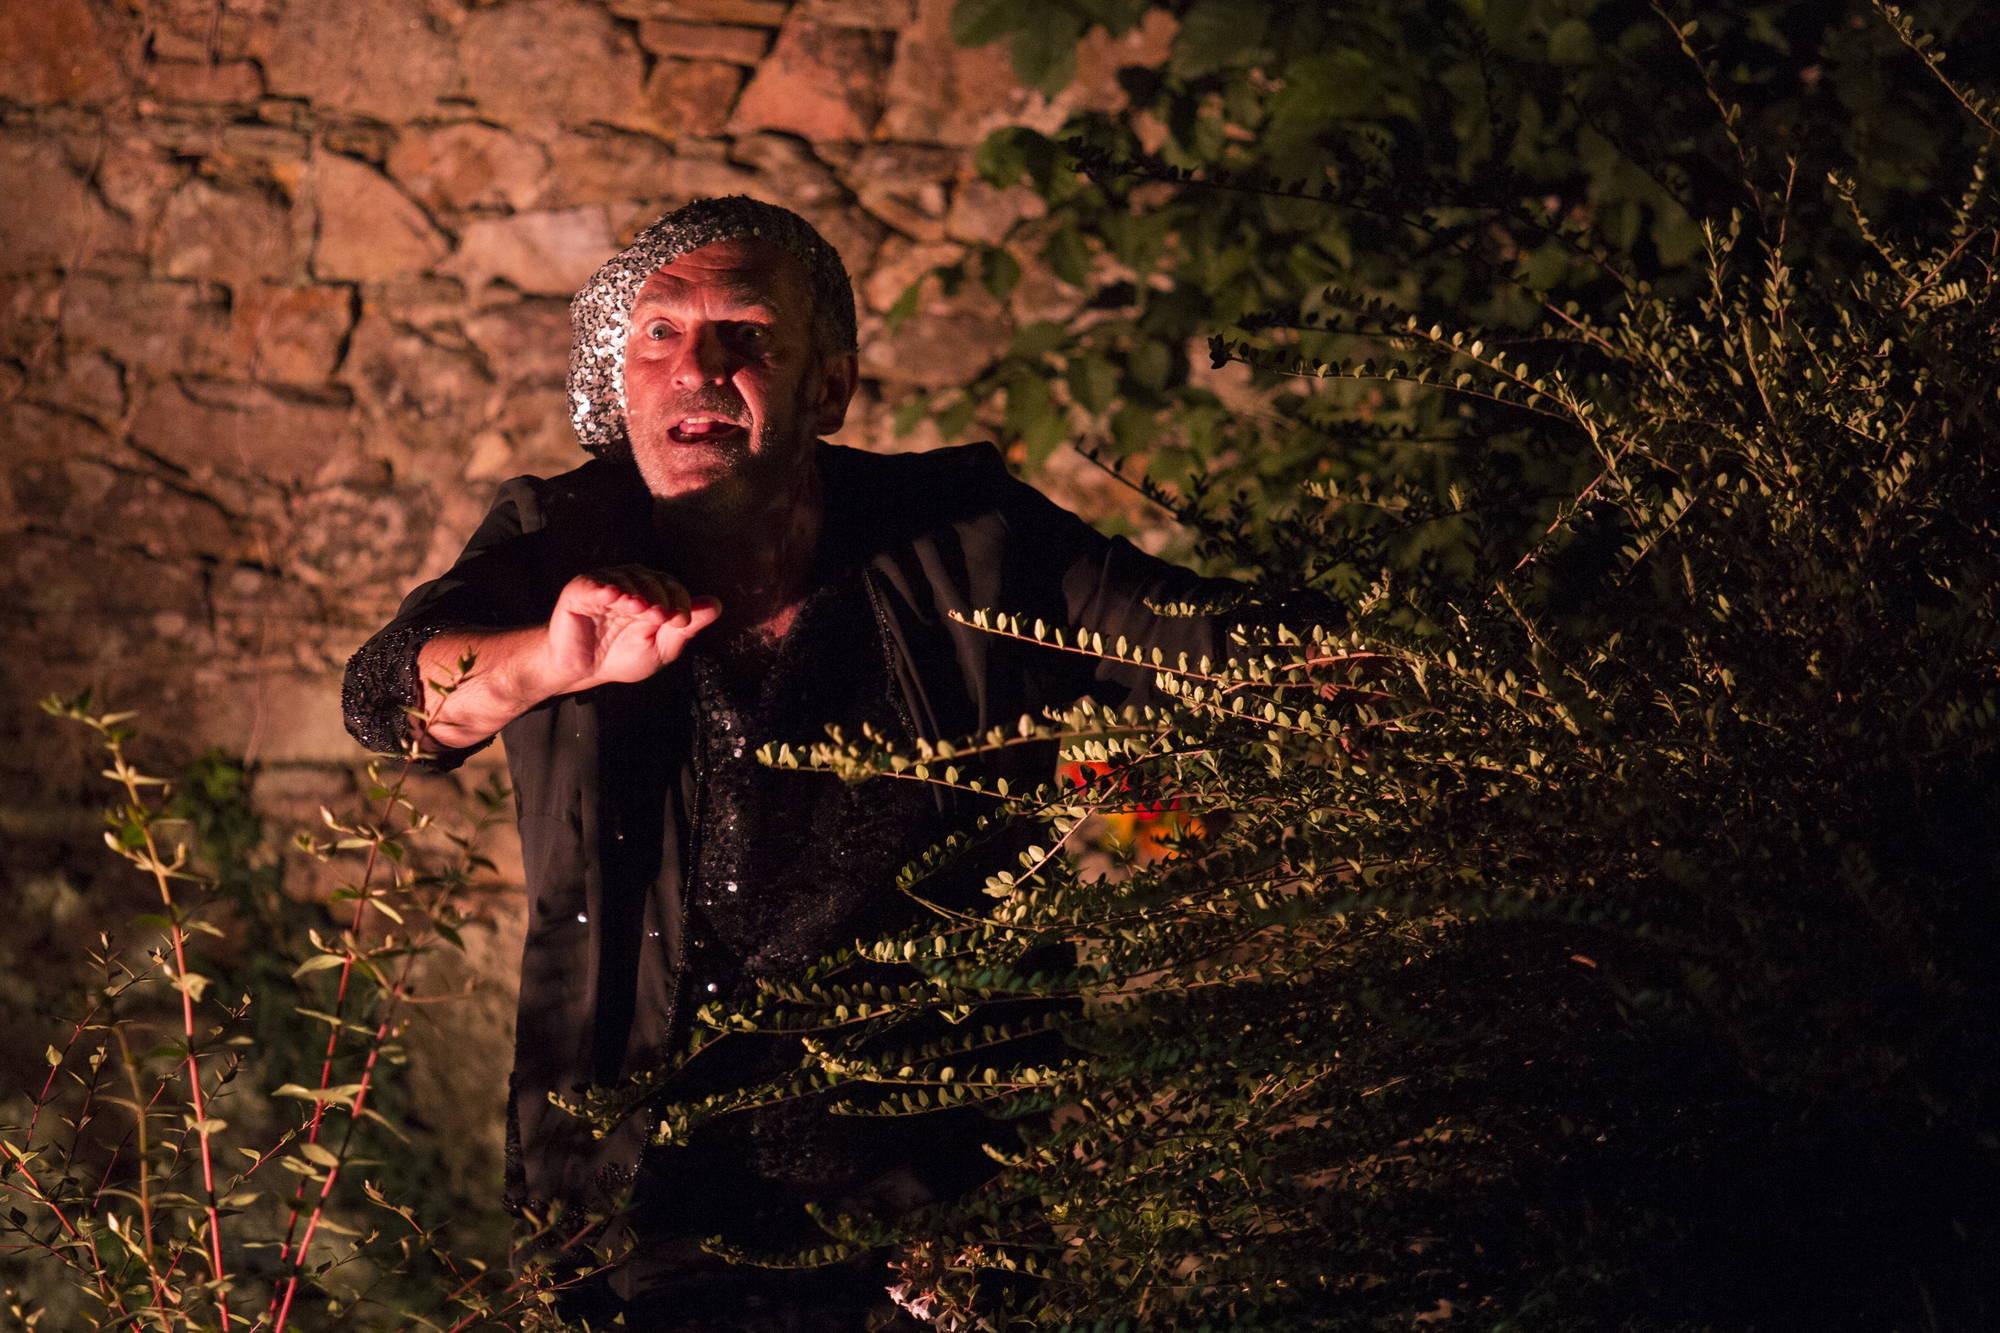 Le songe d'une nuit d'été - estrarre - kosellek - photo de Philippe Bertheau